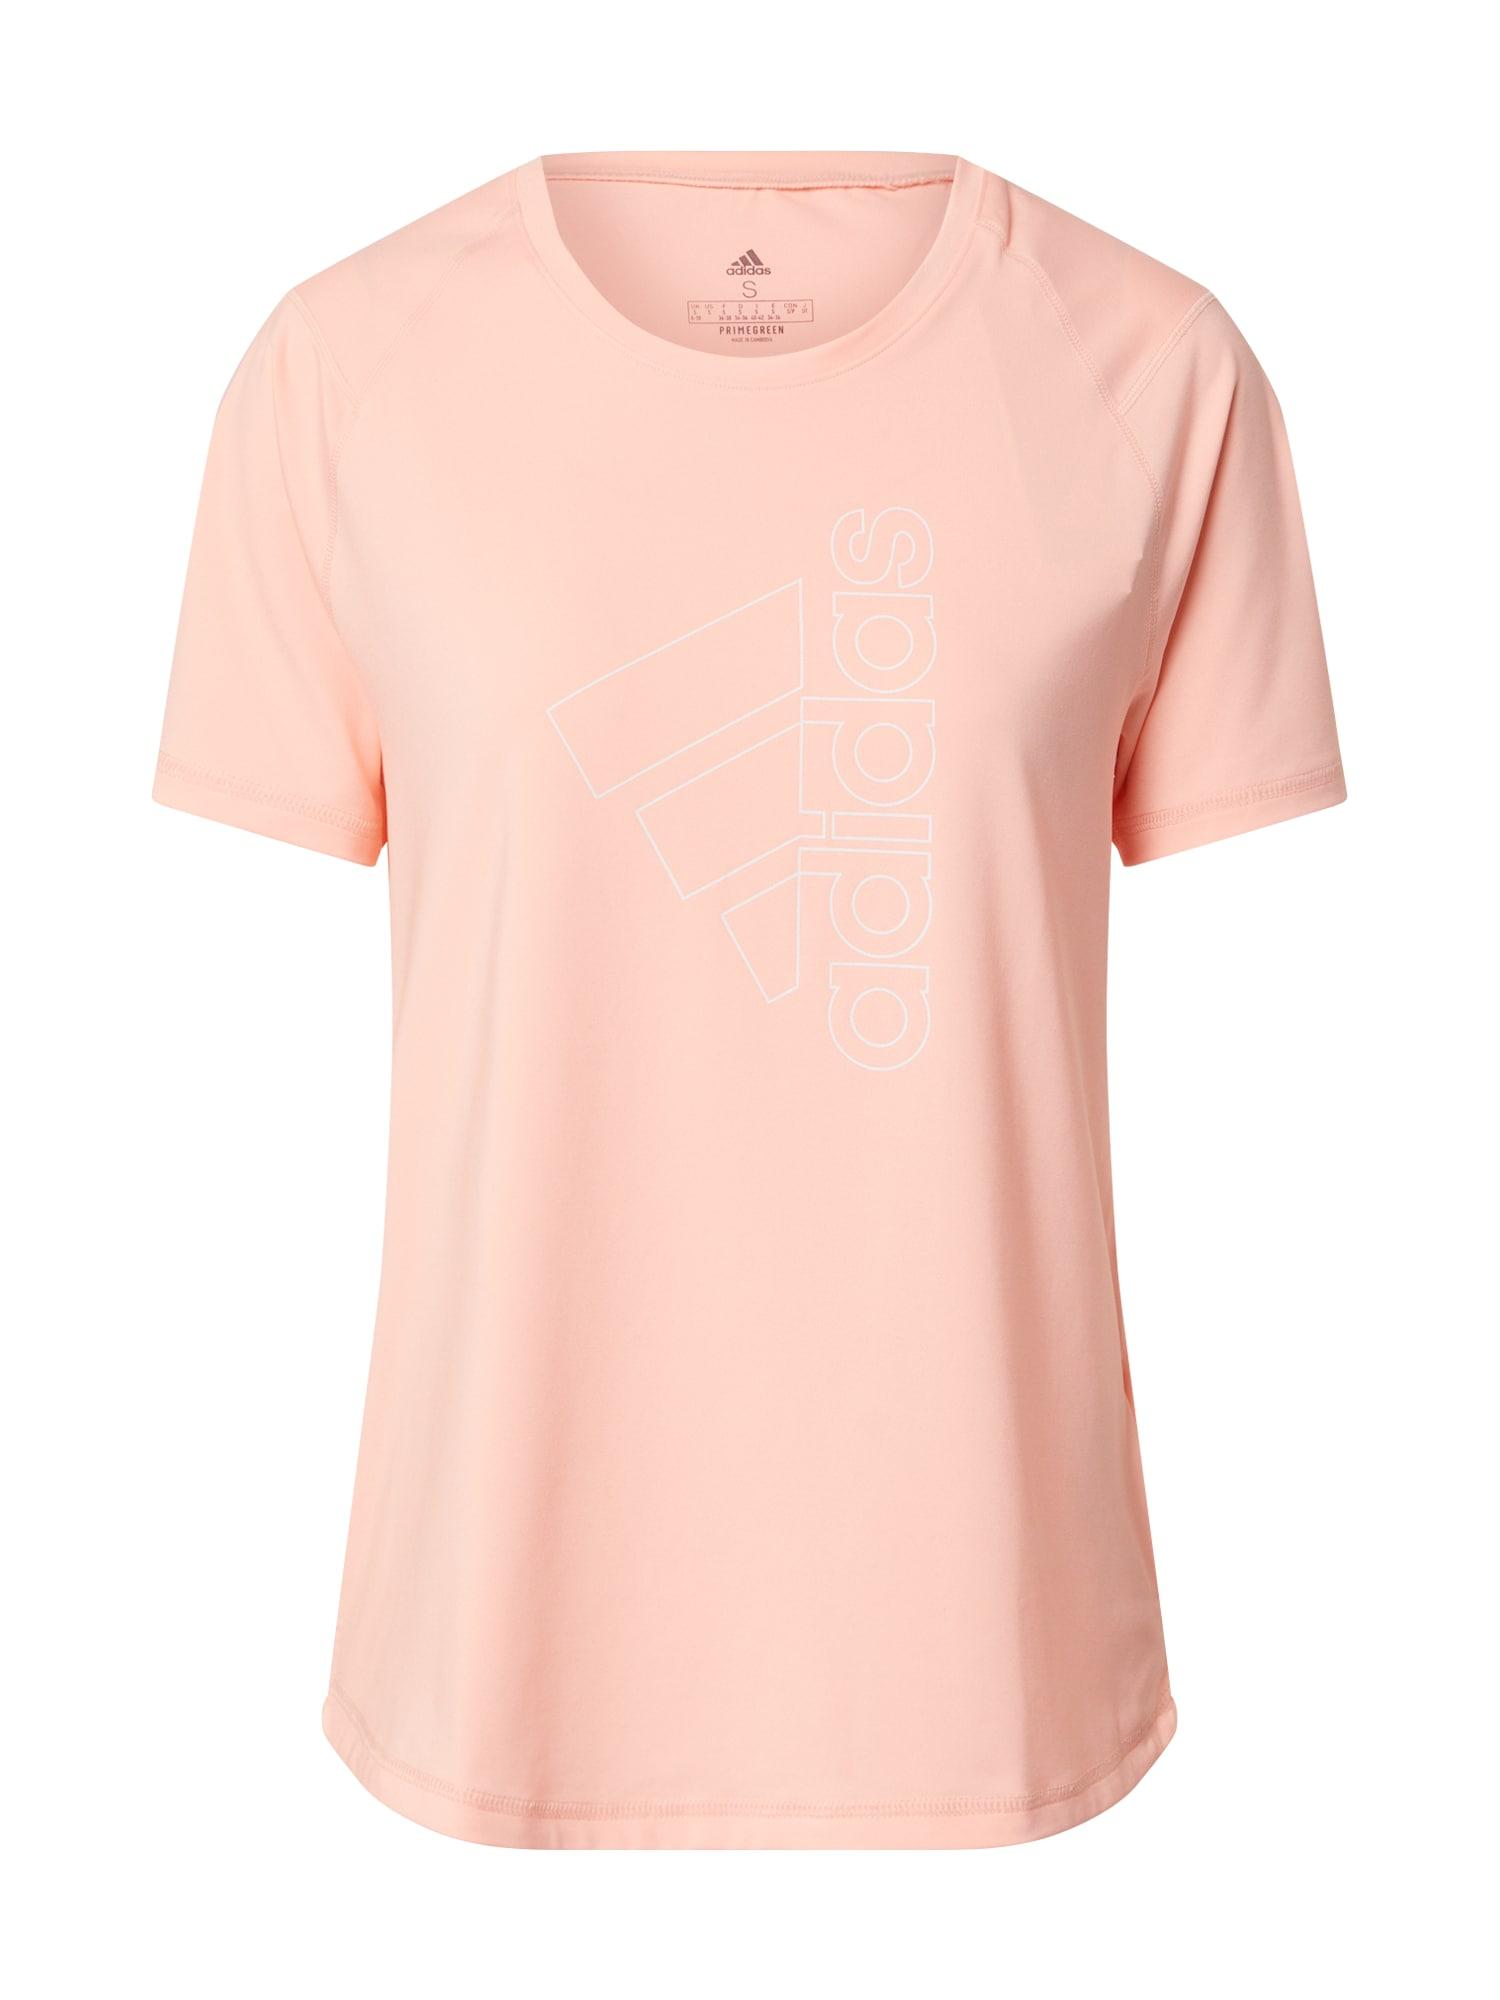 ADIDAS PERFORMANCE Funkčné tričko  lososová